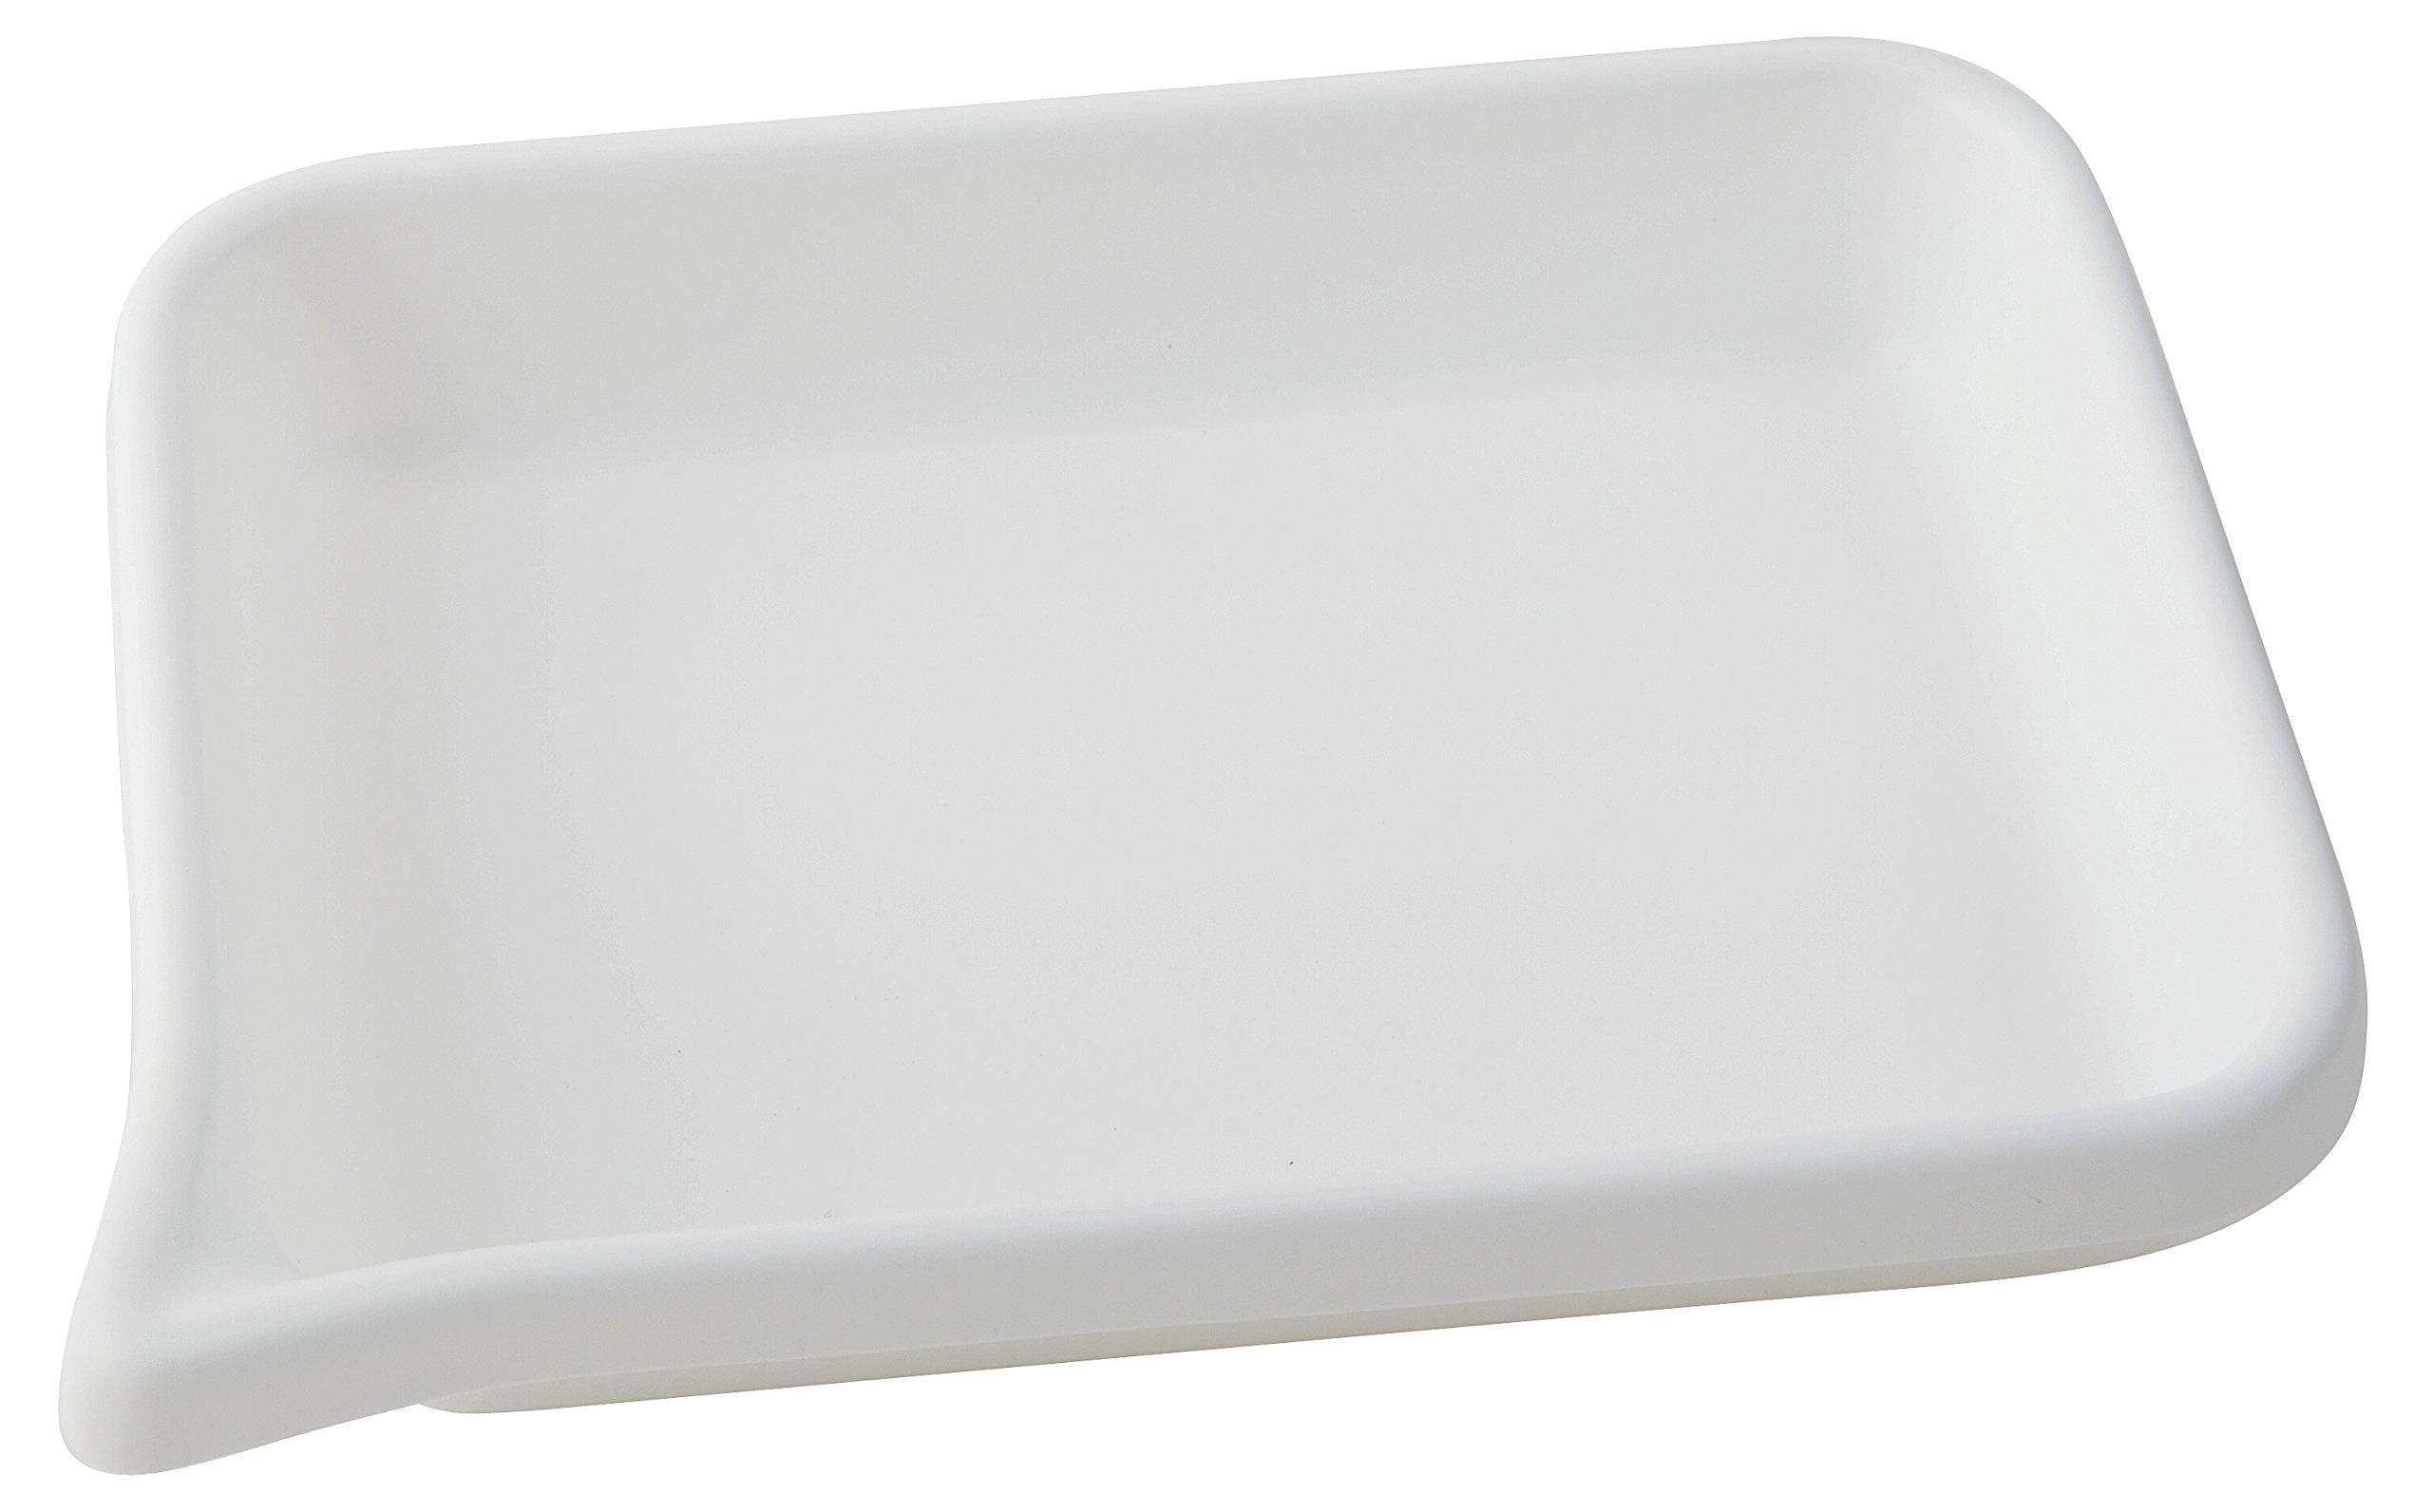 Dynalon 409204 HDPE Developing Flat Bottom Tray, 8.875'' L x 6.875'' W x 1.5'' H